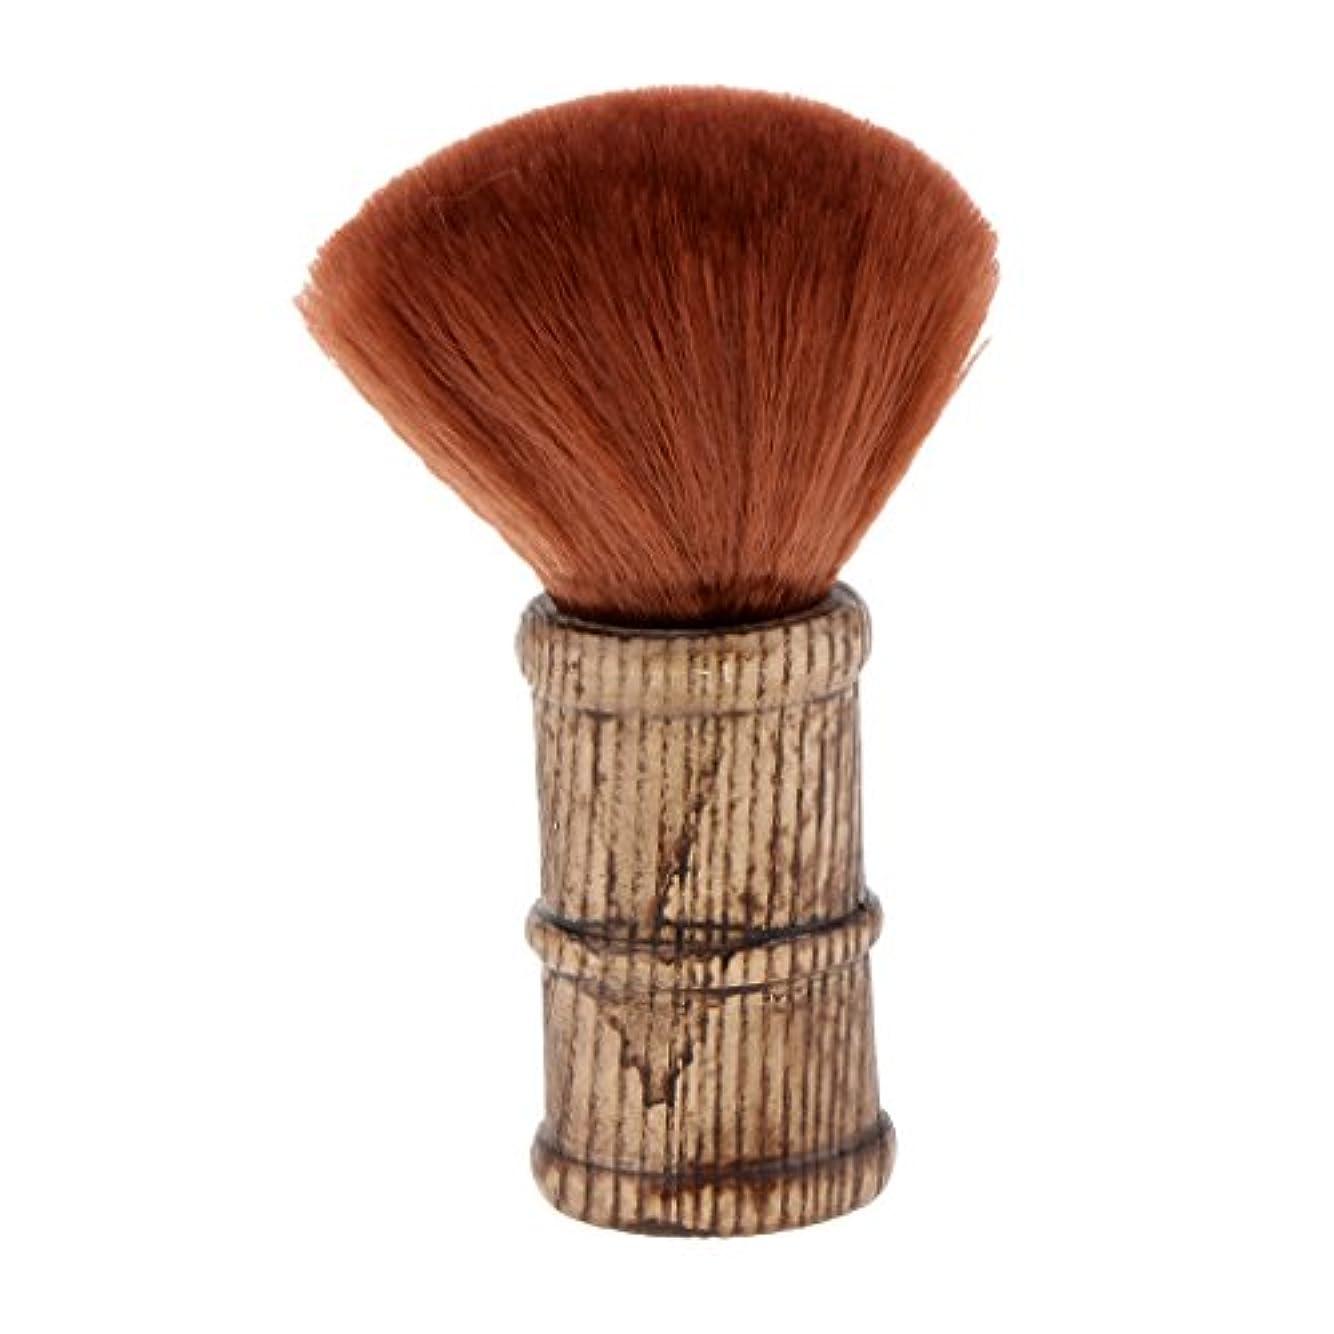 恥ずかしさシビック登場ネックダスターブラシ ヘアカットブラシ メイクブラシ サロン 理髪師 2色選べ - 褐色